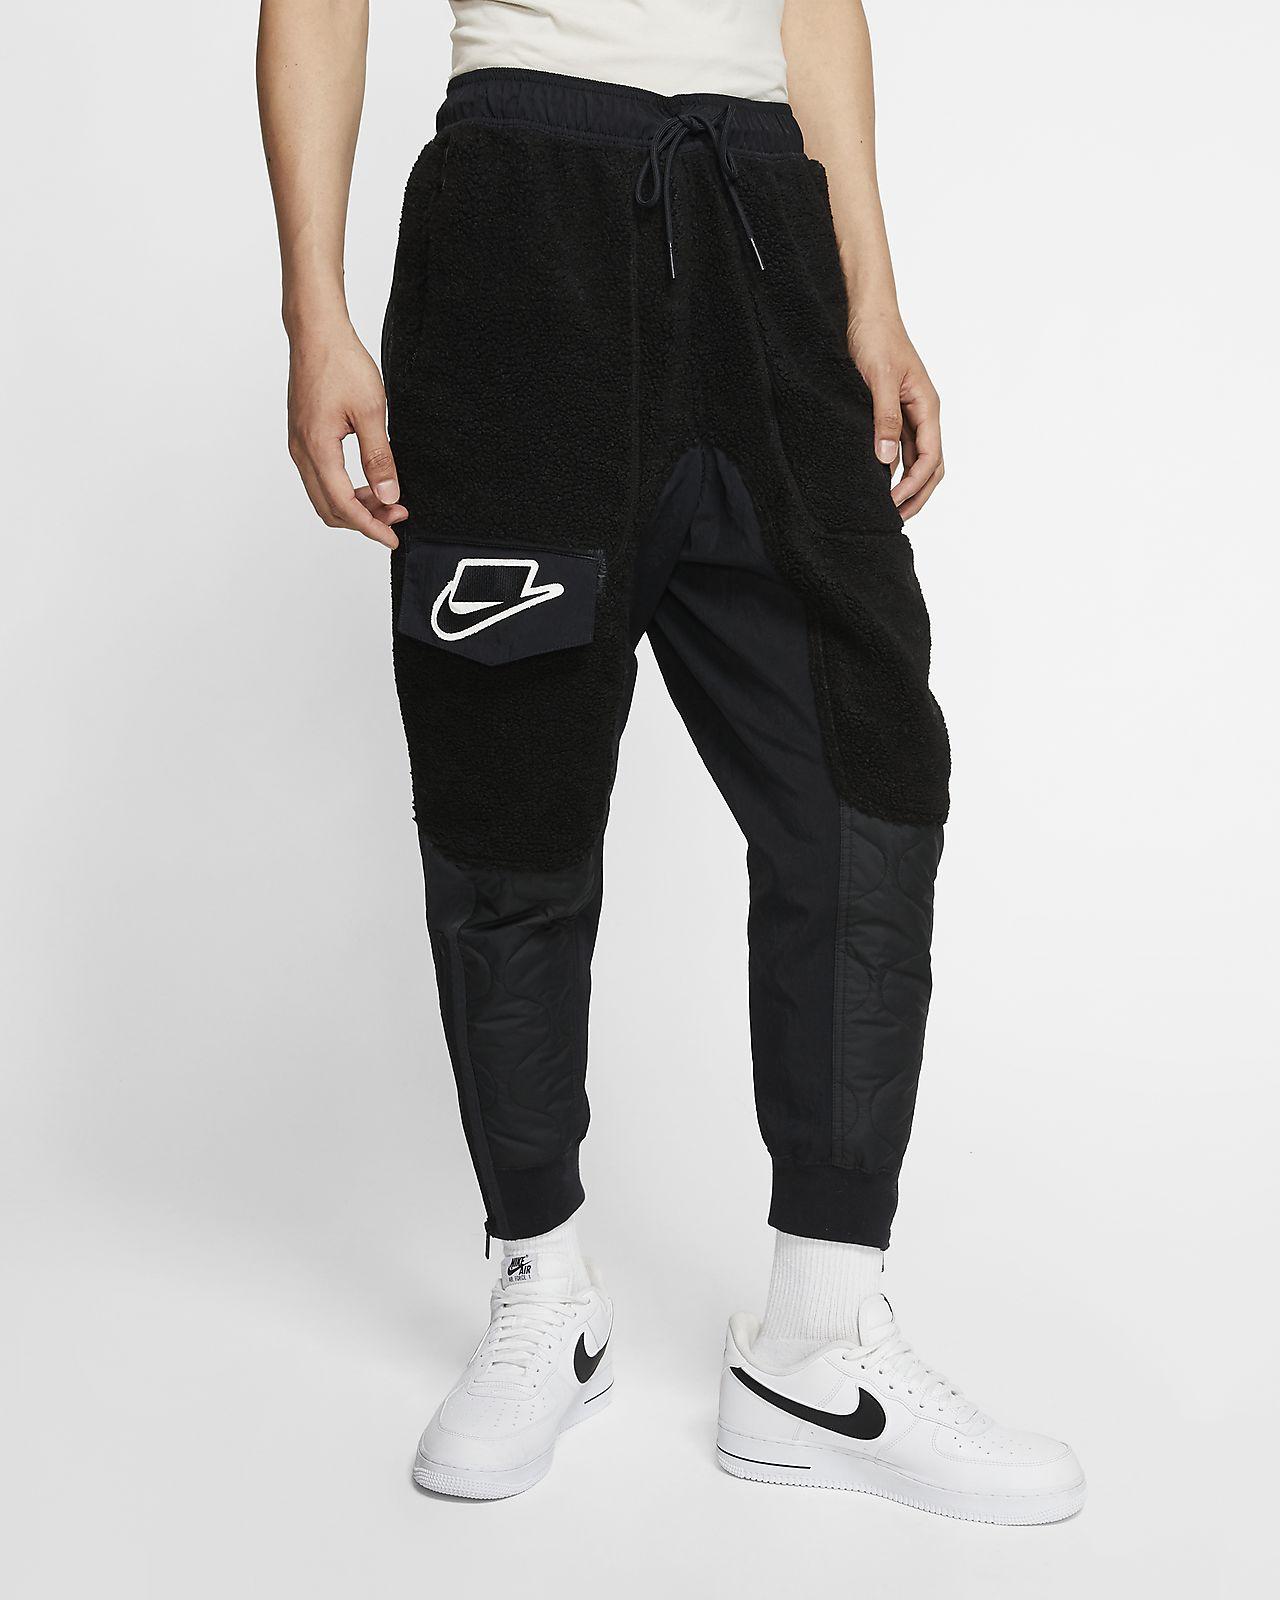 pantalón de hombre sportswear nsw nike